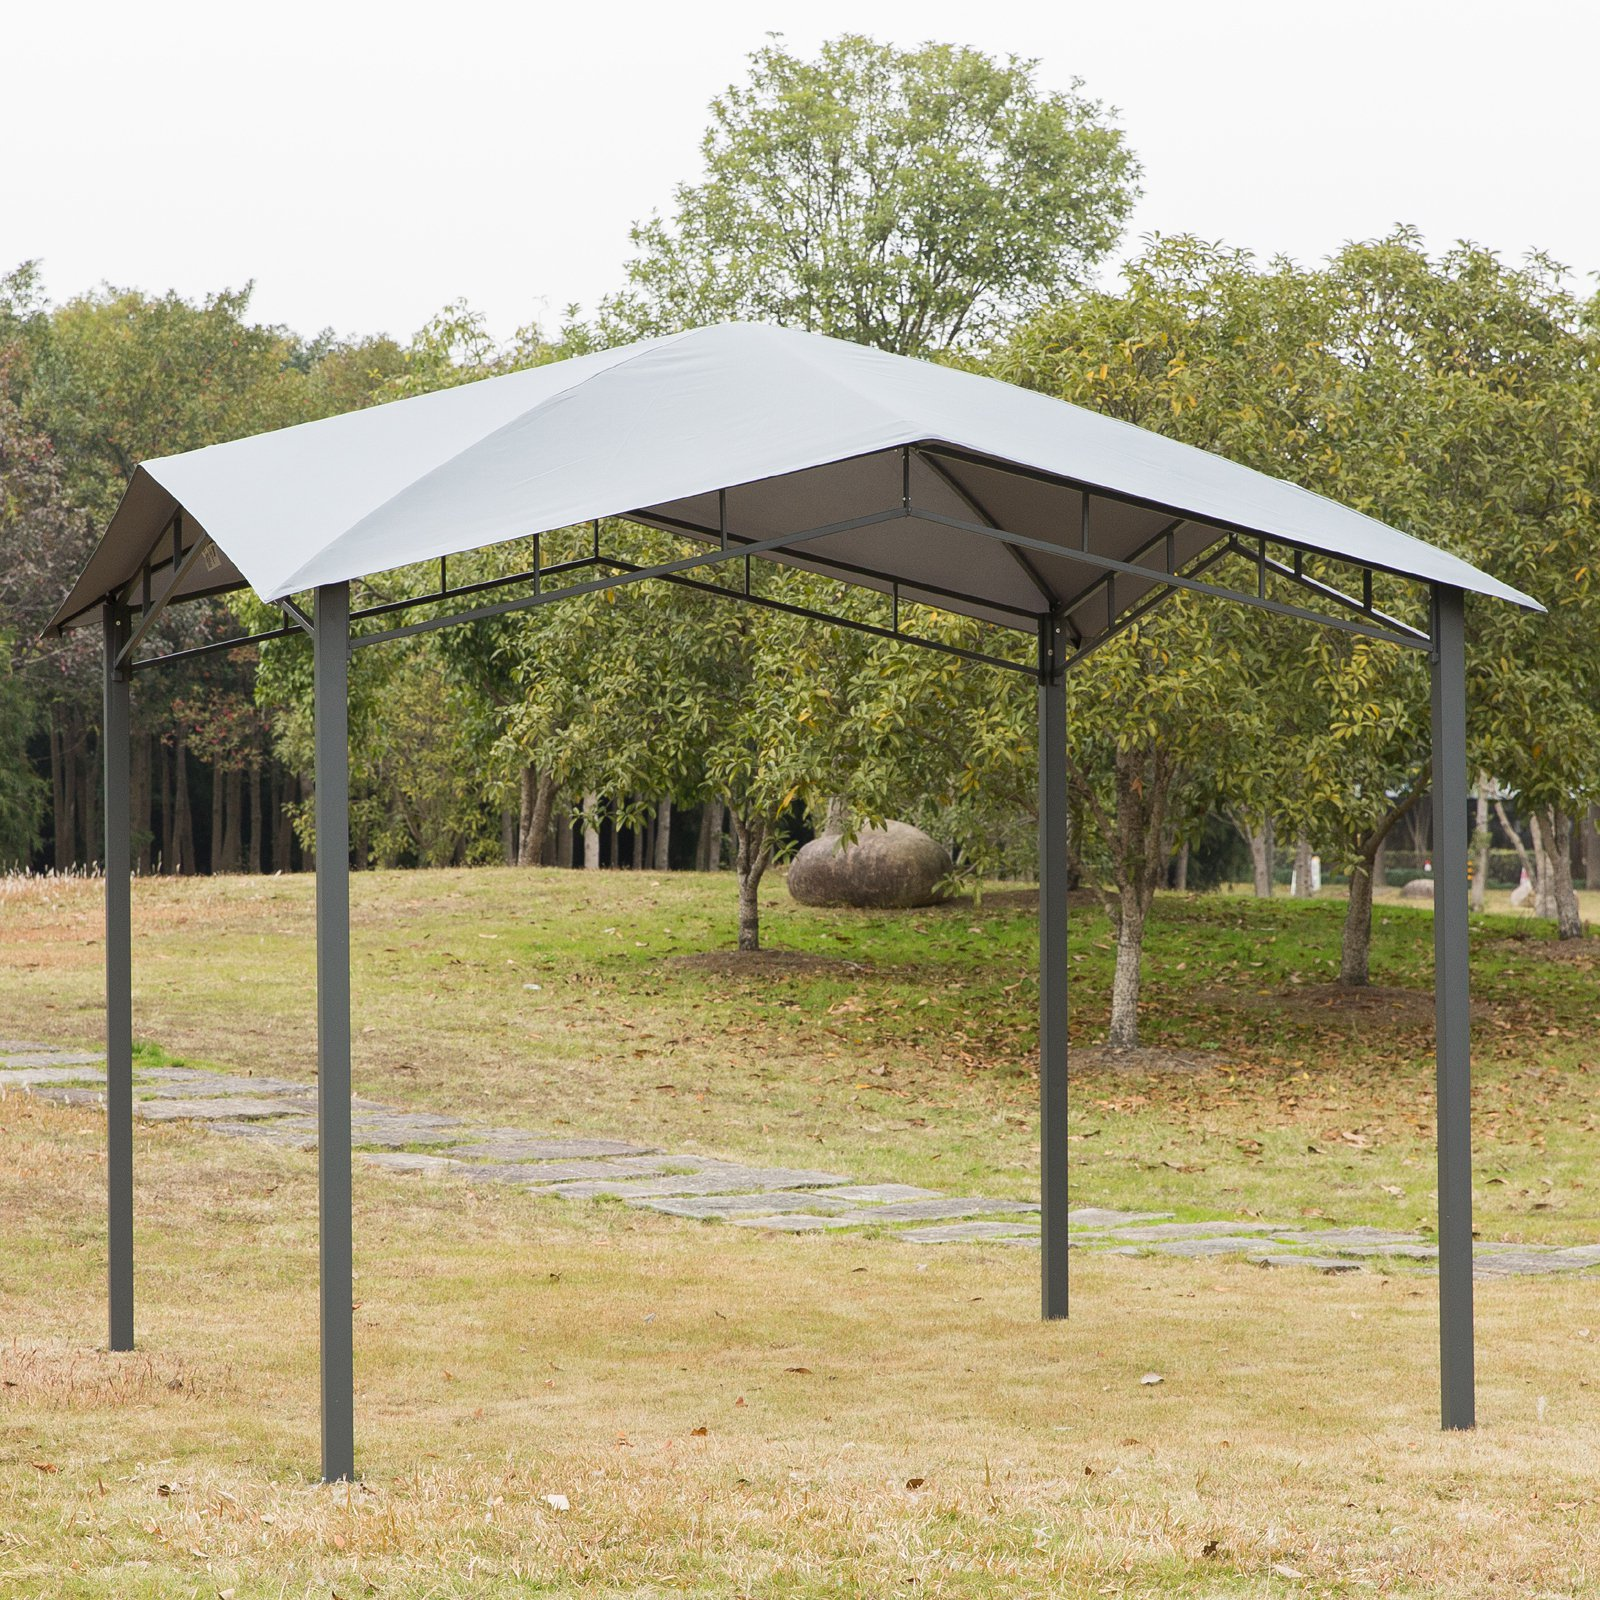 Full Size of Pergola Metall Outsunny Gartenpavillon Pavillon Berdachung Vordach Sonnenschutz Bett Regal Garten Weiß Regale Wohnzimmer Pergola Metall